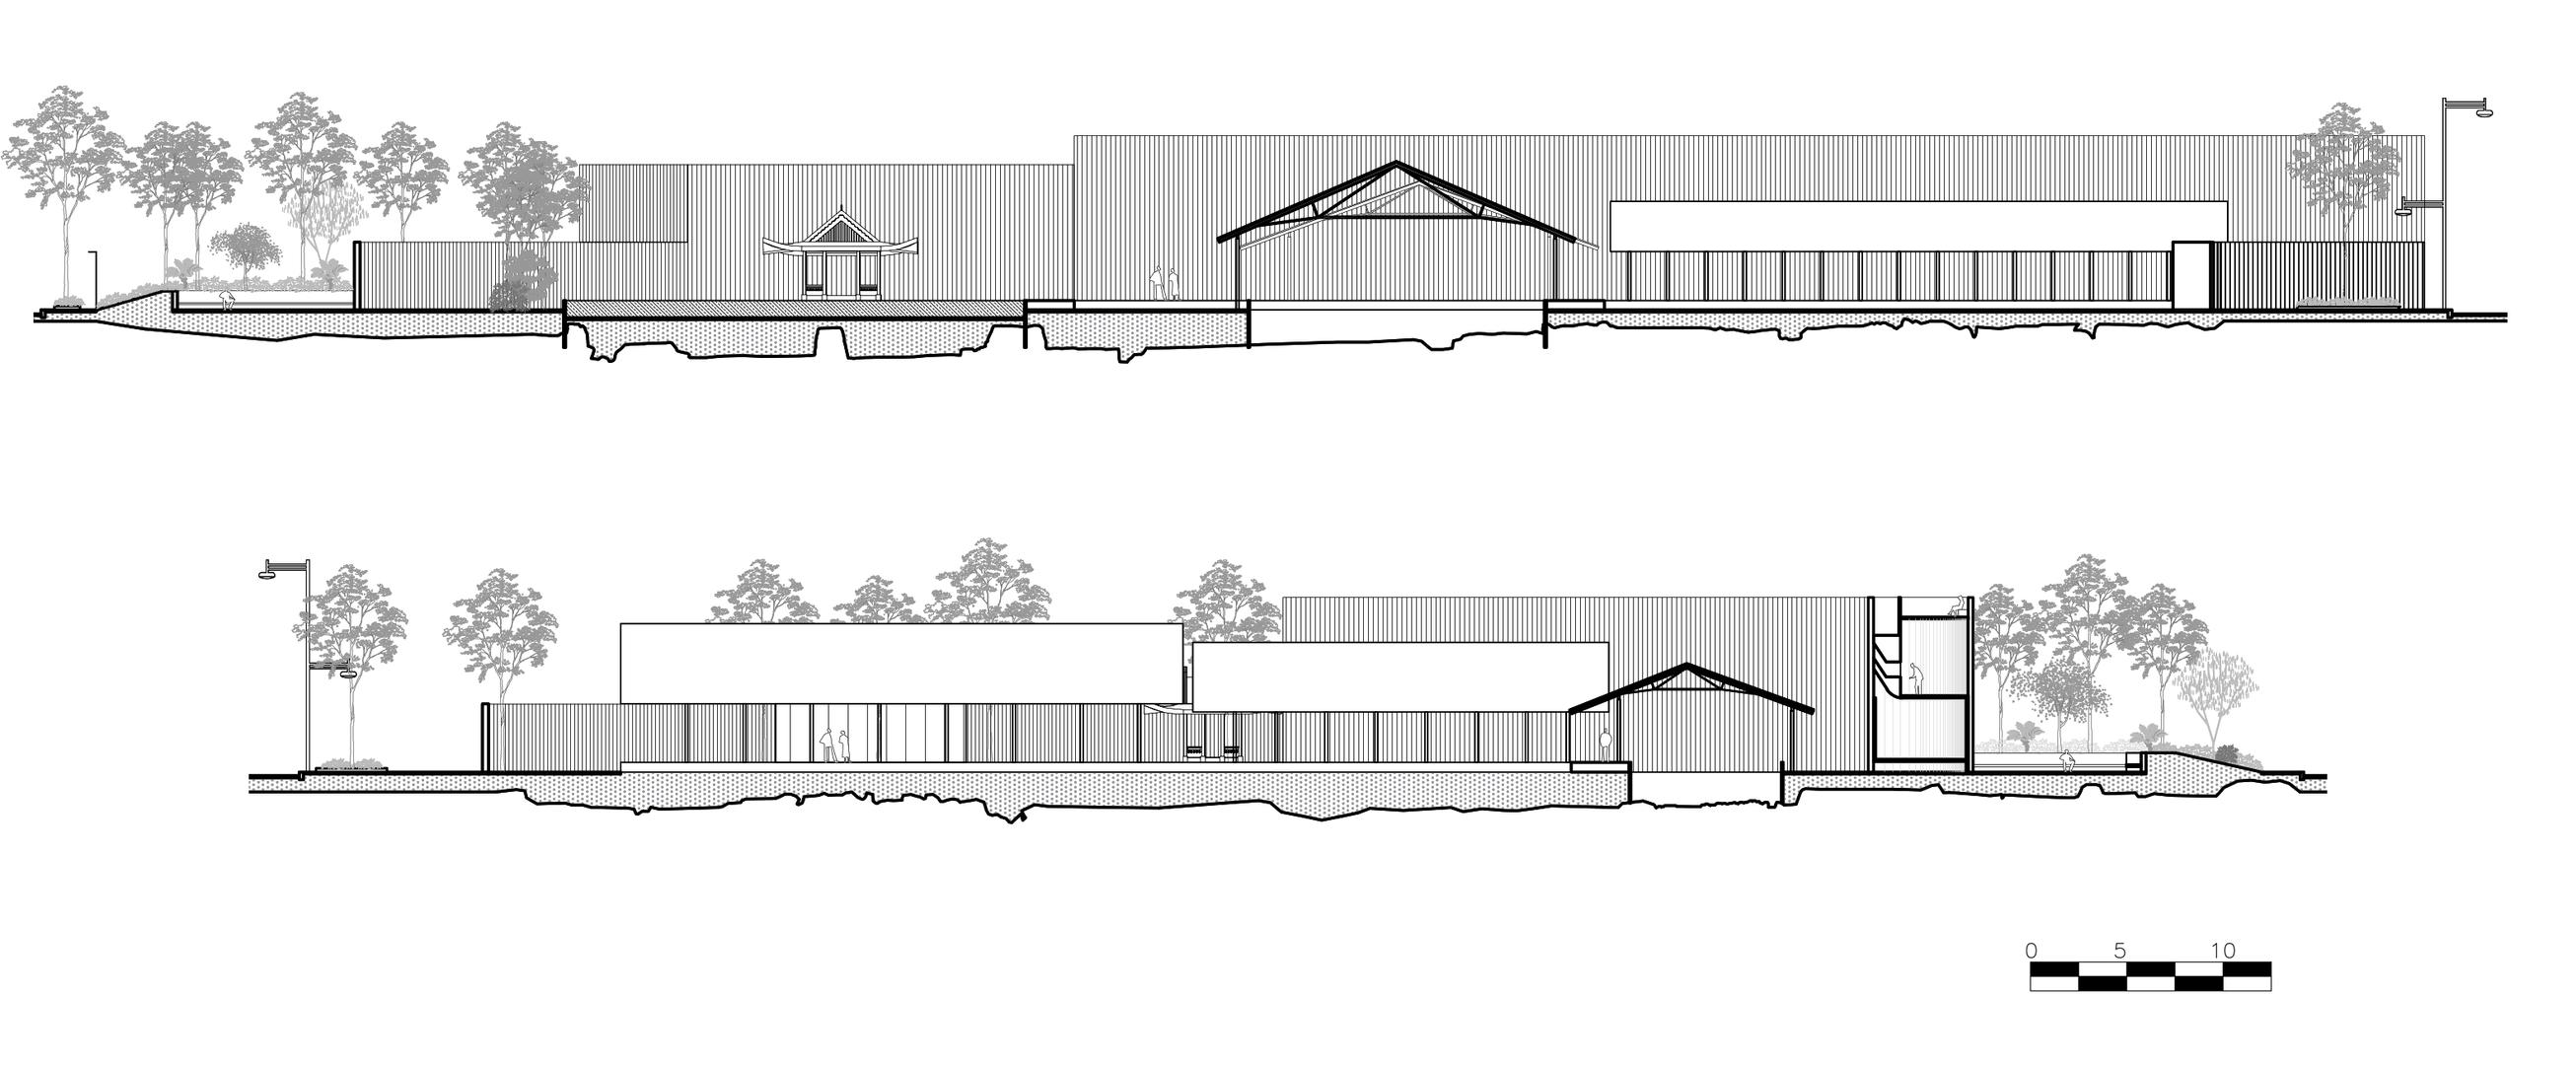 200830_secciones.png